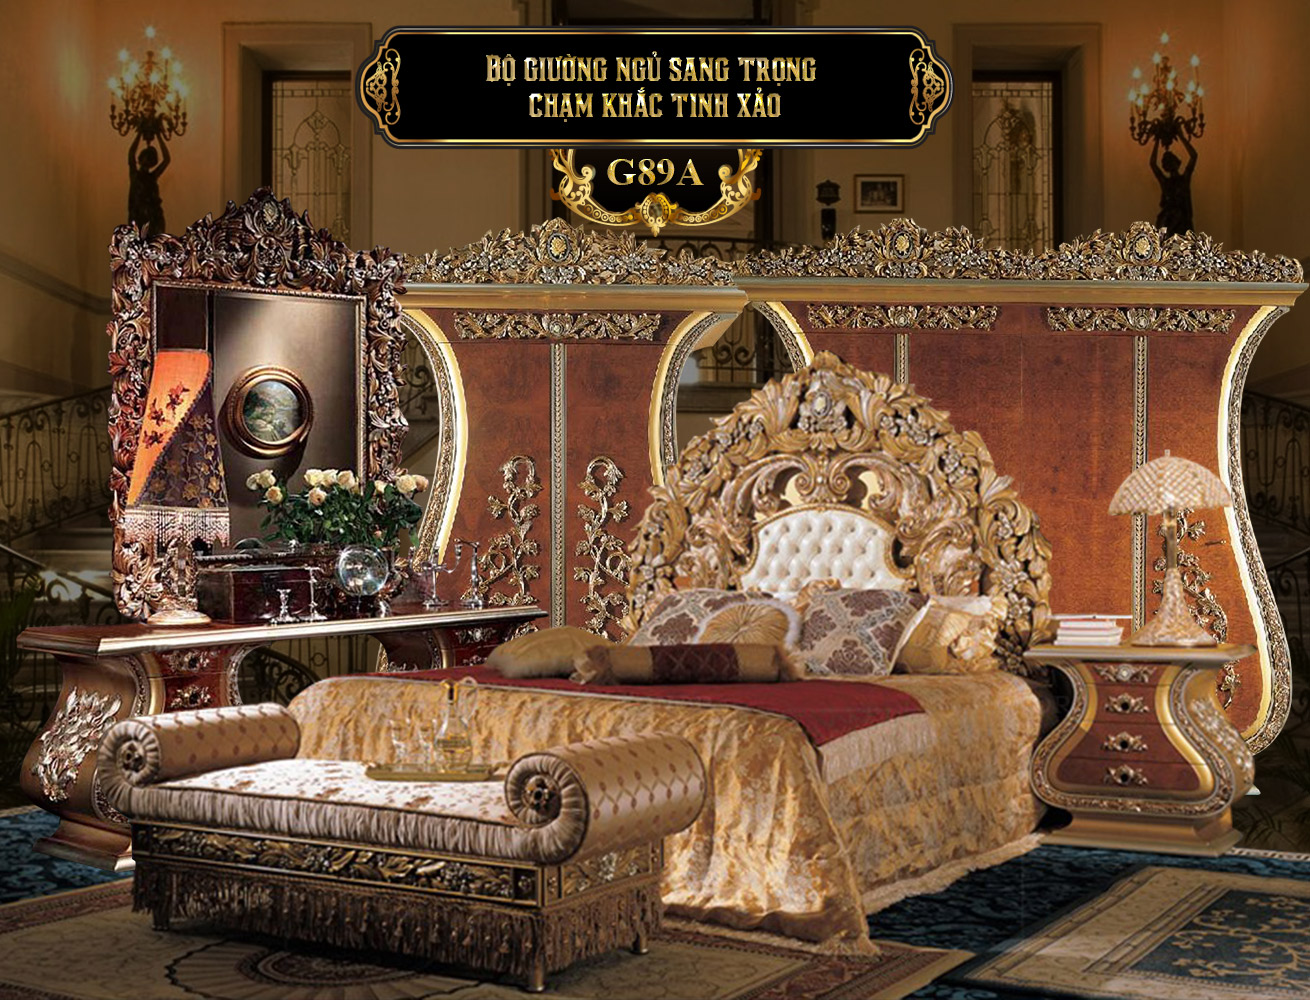 Bộ giường ngủ sang trọng G89A gỗ Tần bì   Giường ngủ gỗ Tần Bỳ nhập khẩu cao cấp